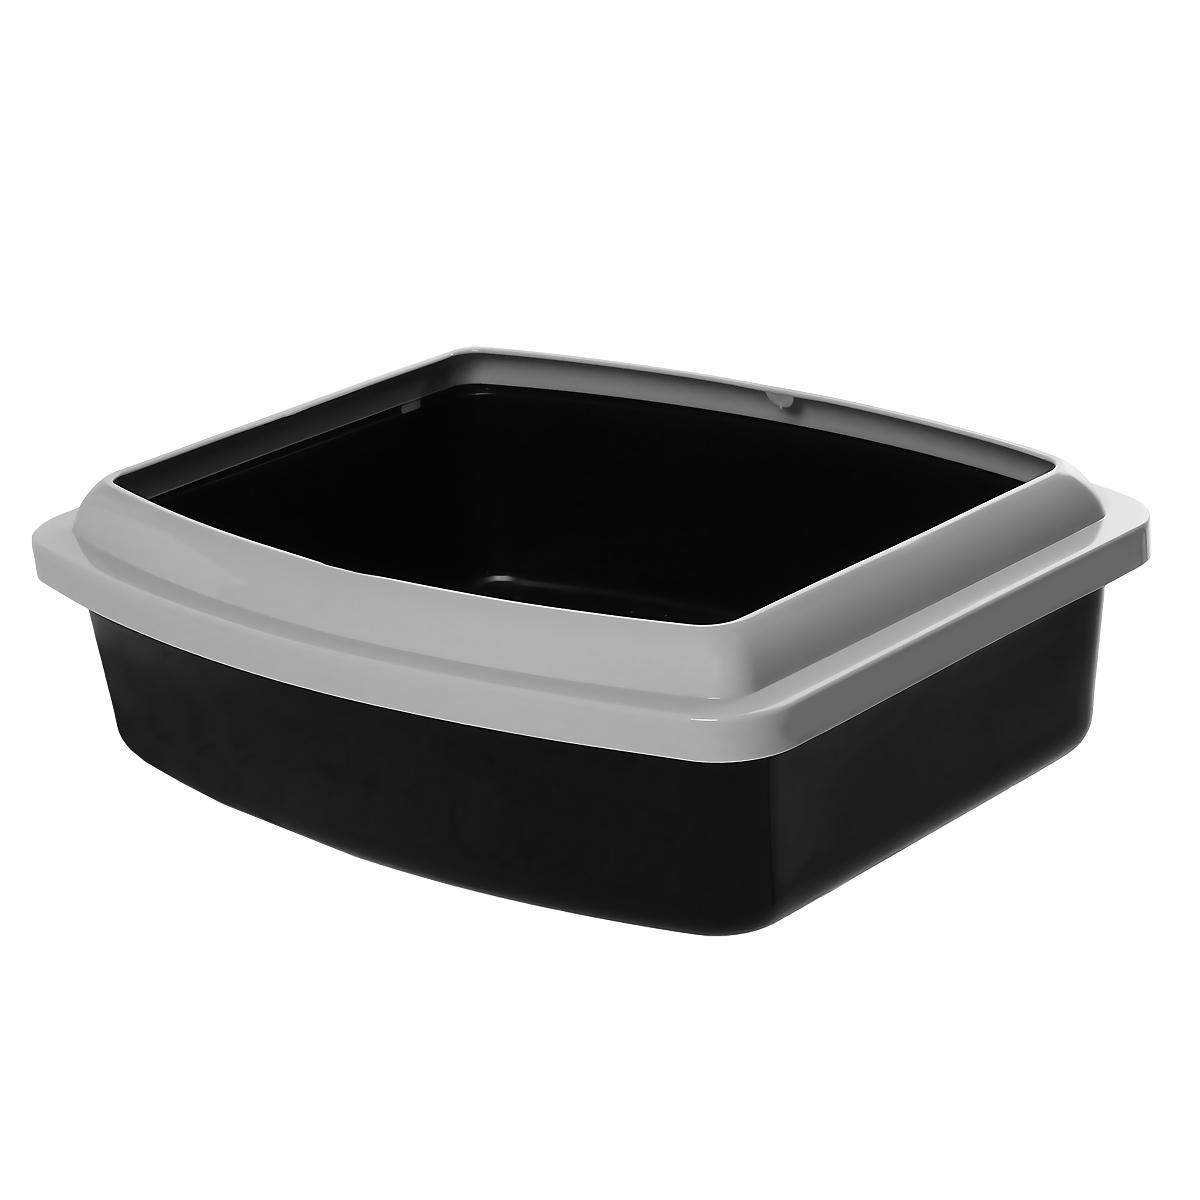 """Туалет для кошек Savic """"Oval Trays"""", с бортом, цвет: черный, 48 х 39 см"""